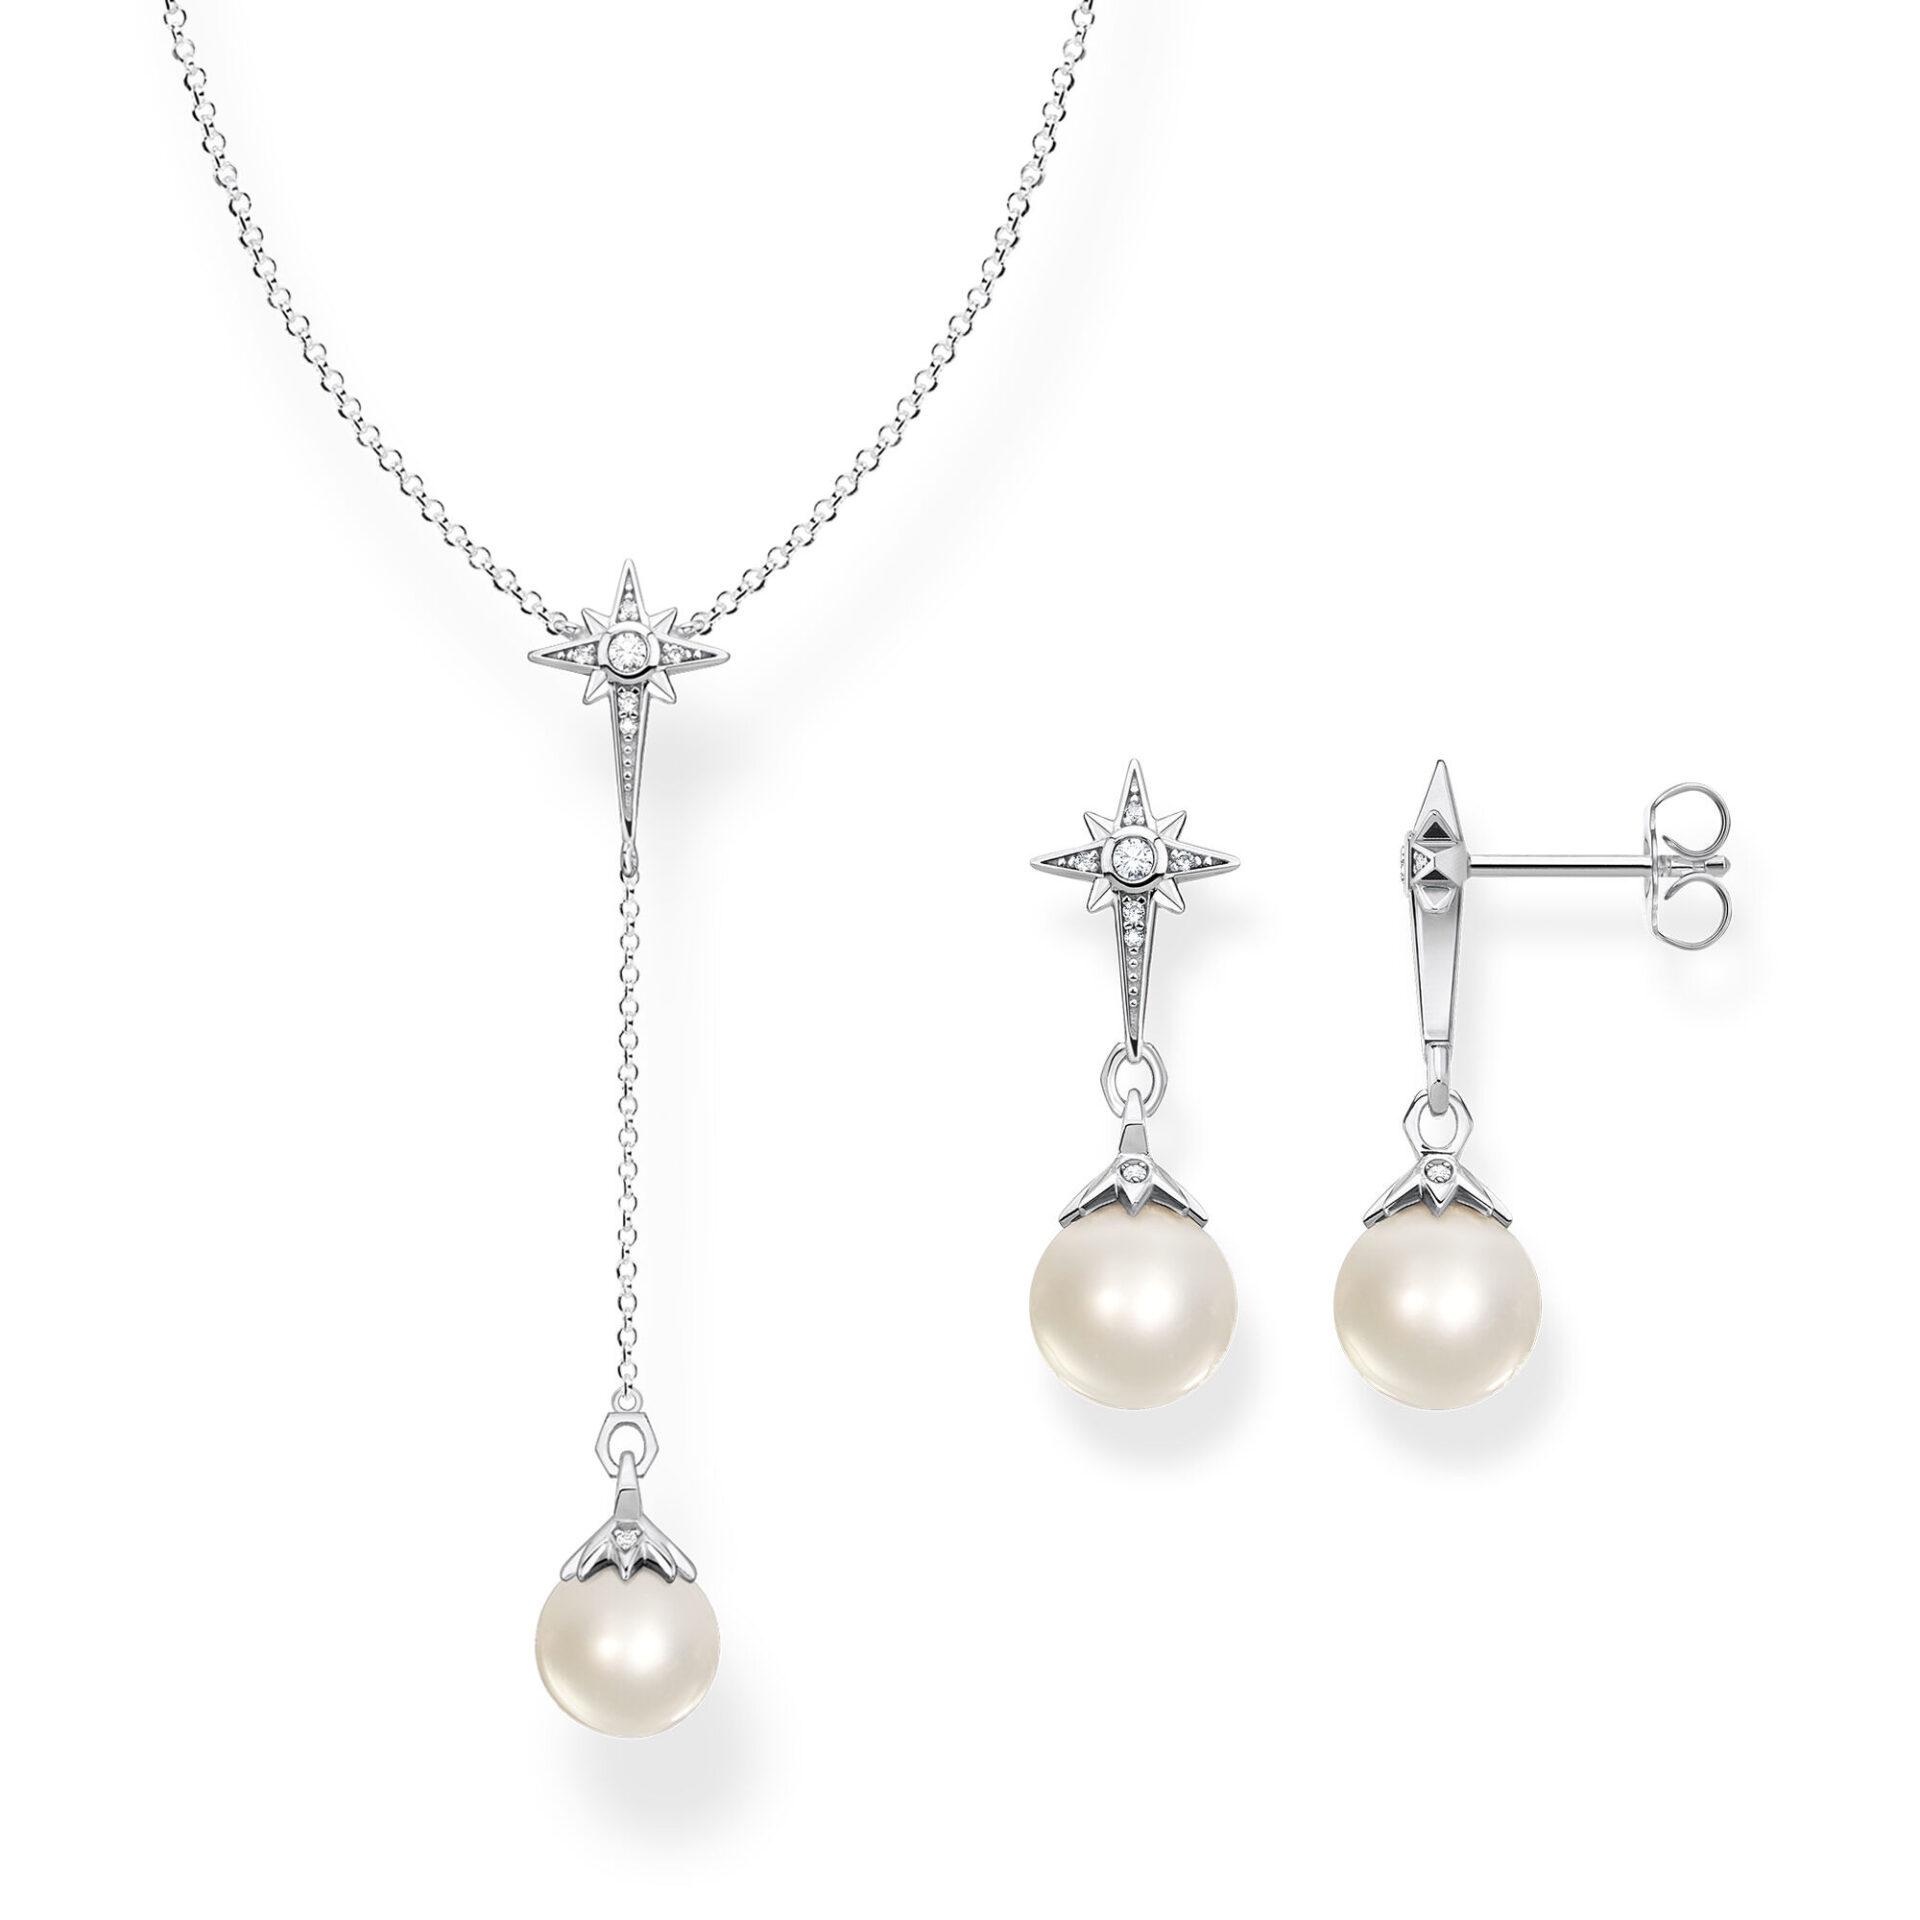 Boucles d'oreilles perle étoile argent, Thomas Sabo